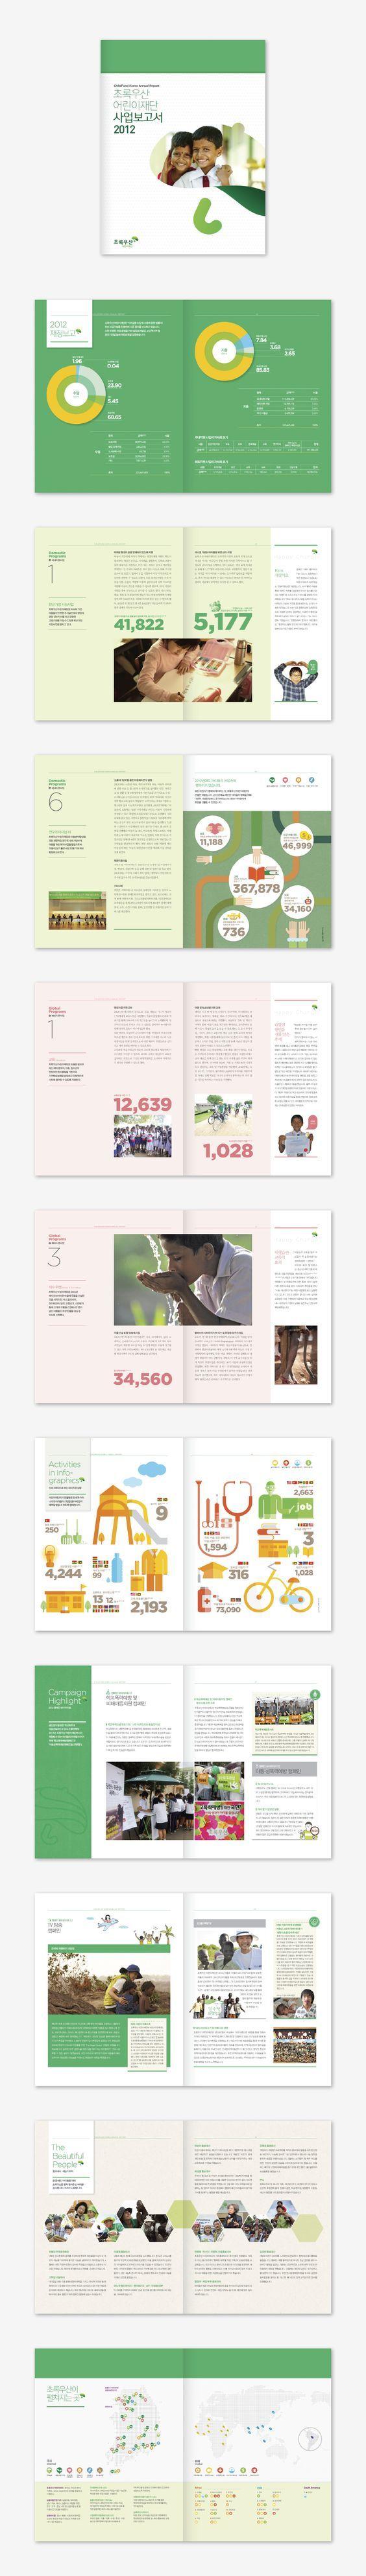 childfund_layout